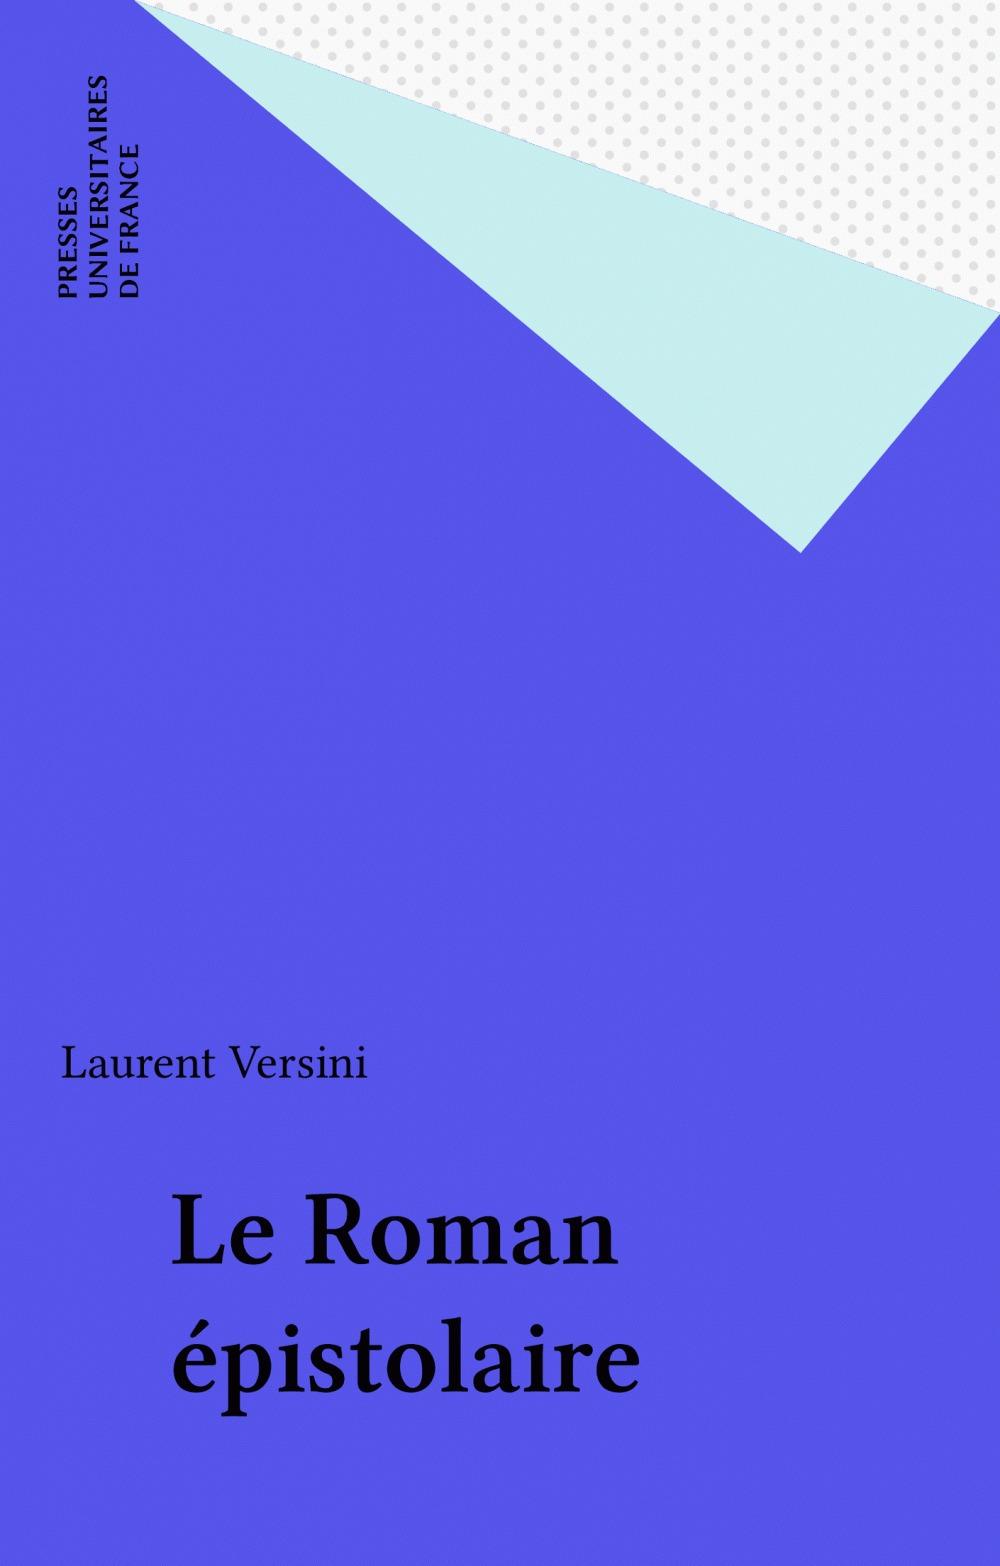 Le roman epistolaire